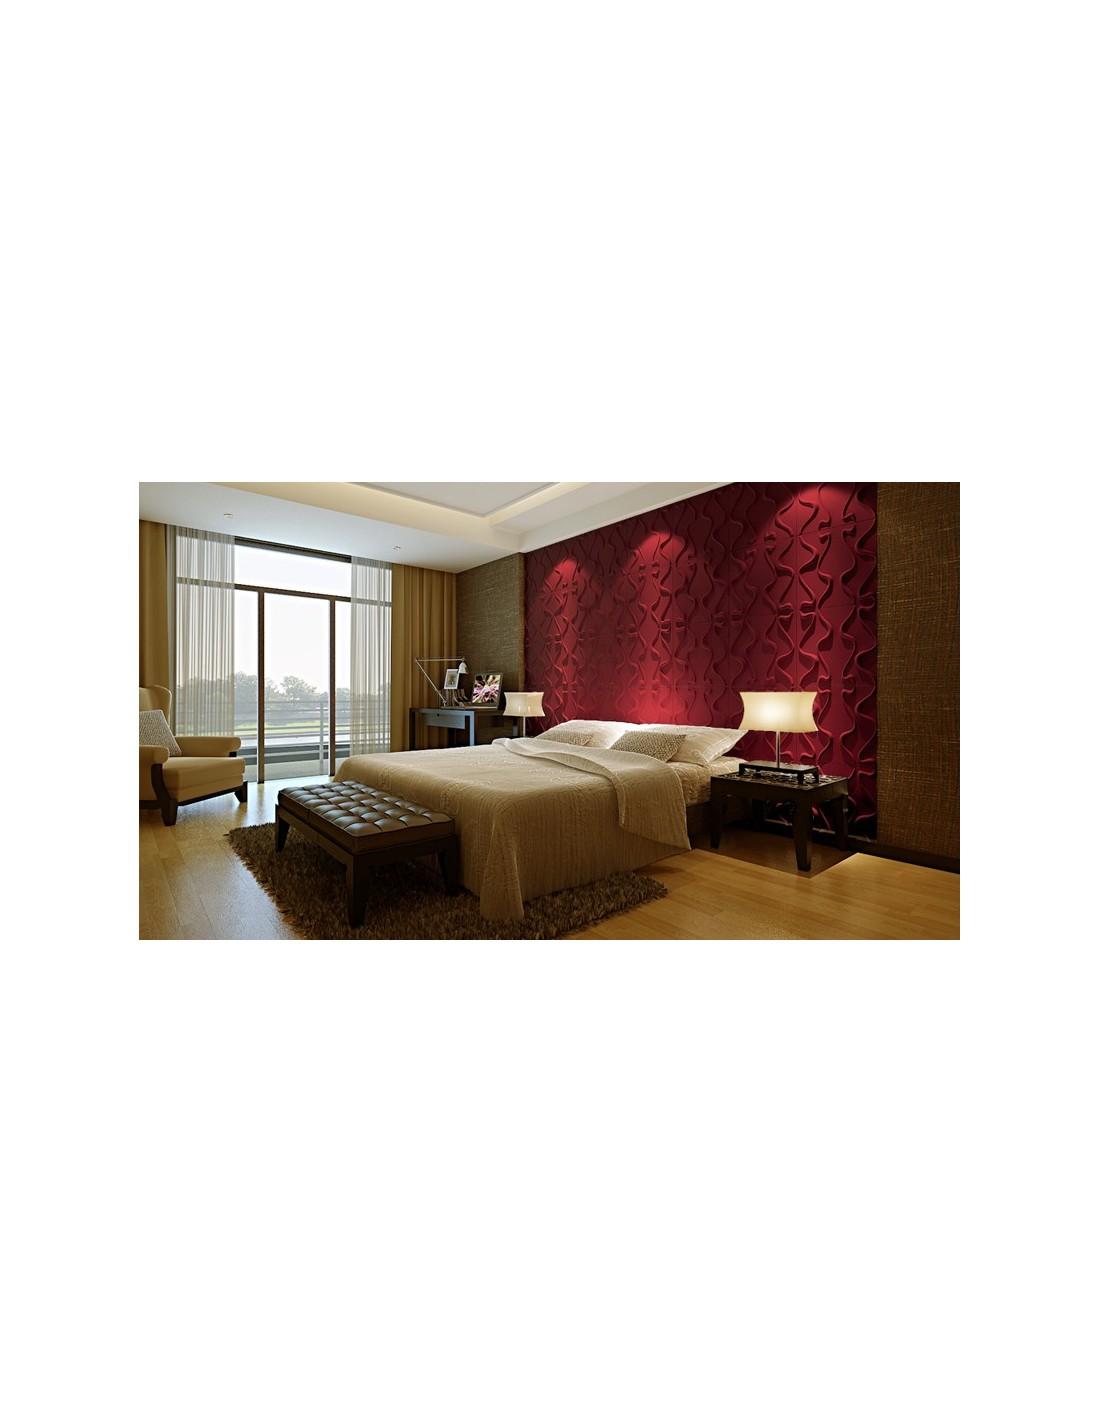 Pannello 3d wall per decorazioni di pareti e soffitti mod gesture 50x50 cf 1 mq - Tavole adesive per pareti 3d ...